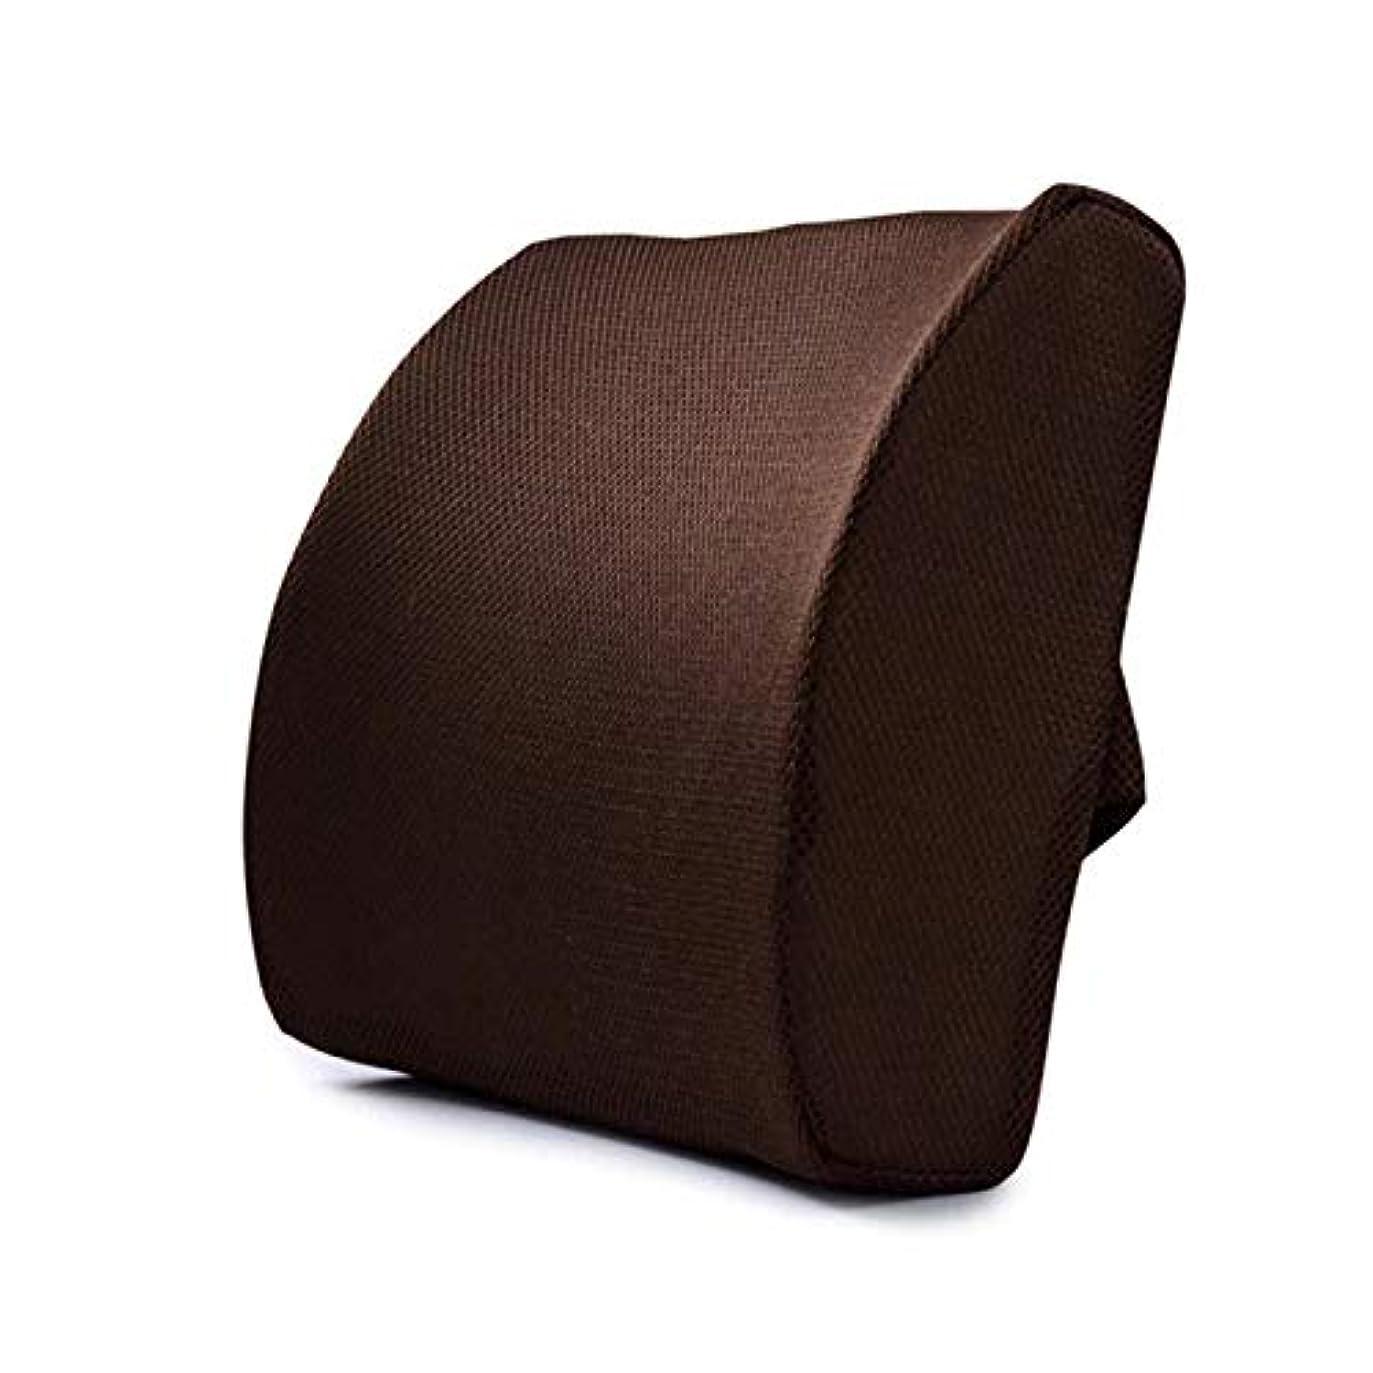 適度な遅れ瞬時にLIFE ホームオフィス背もたれ椅子腰椎クッションカーシートネック枕 3D 低反発サポートバックマッサージウエストレスリビング枕 クッション 椅子